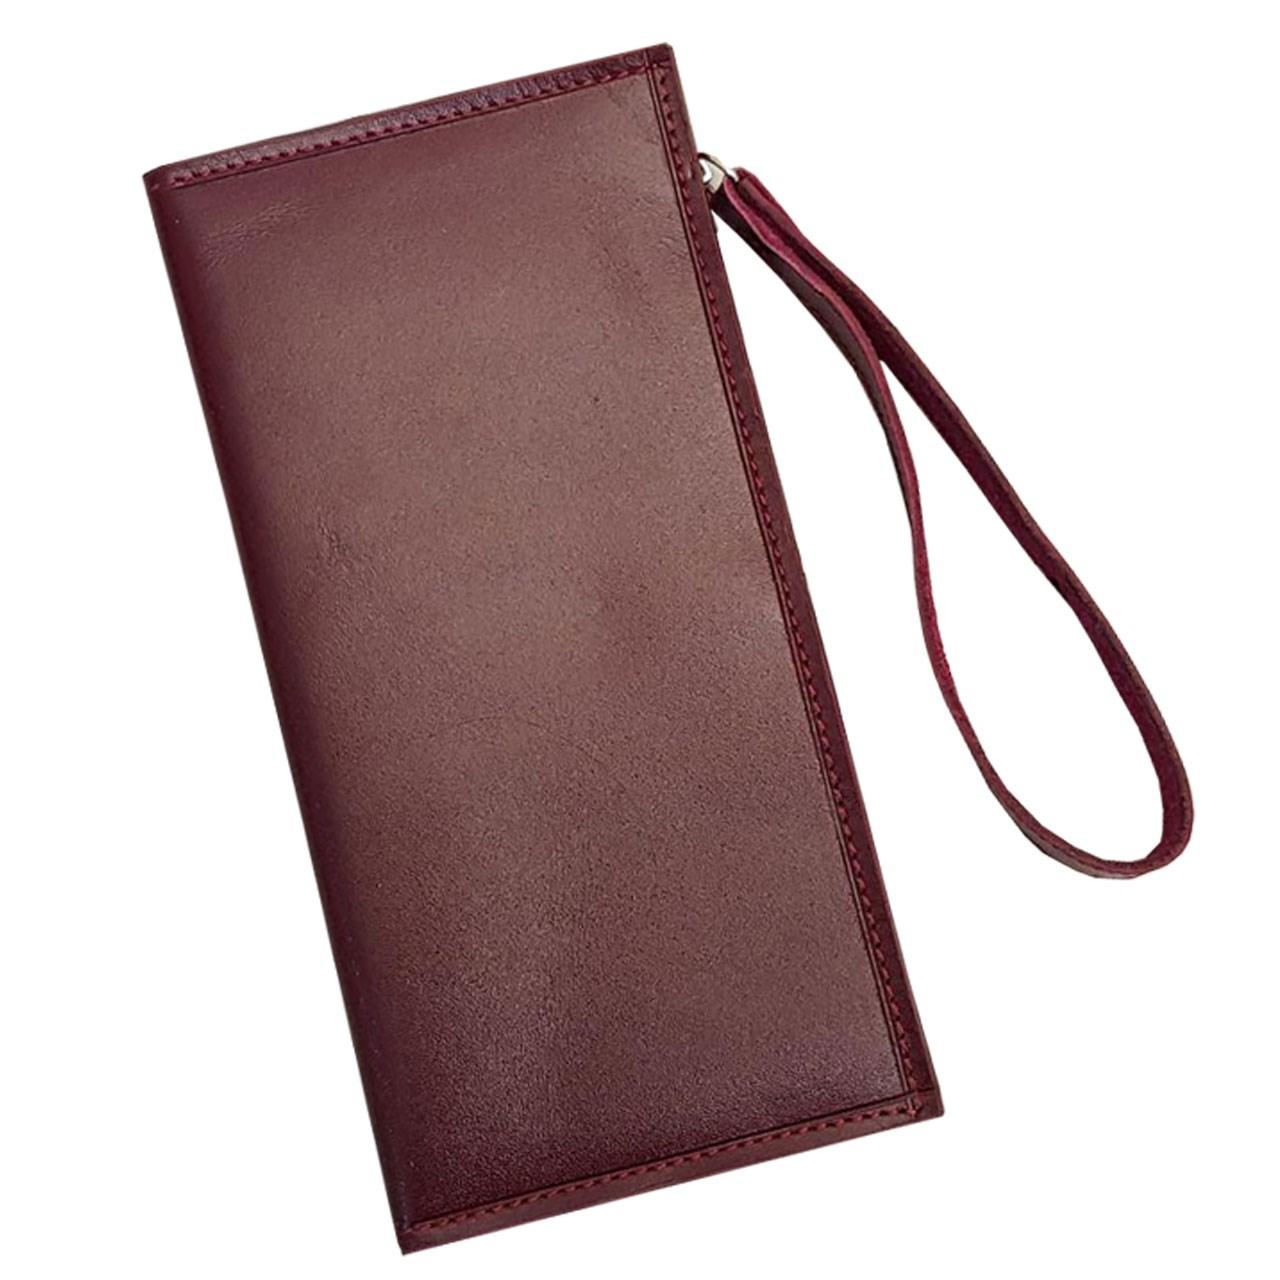 کیف پول و موبایل چرم آنیل